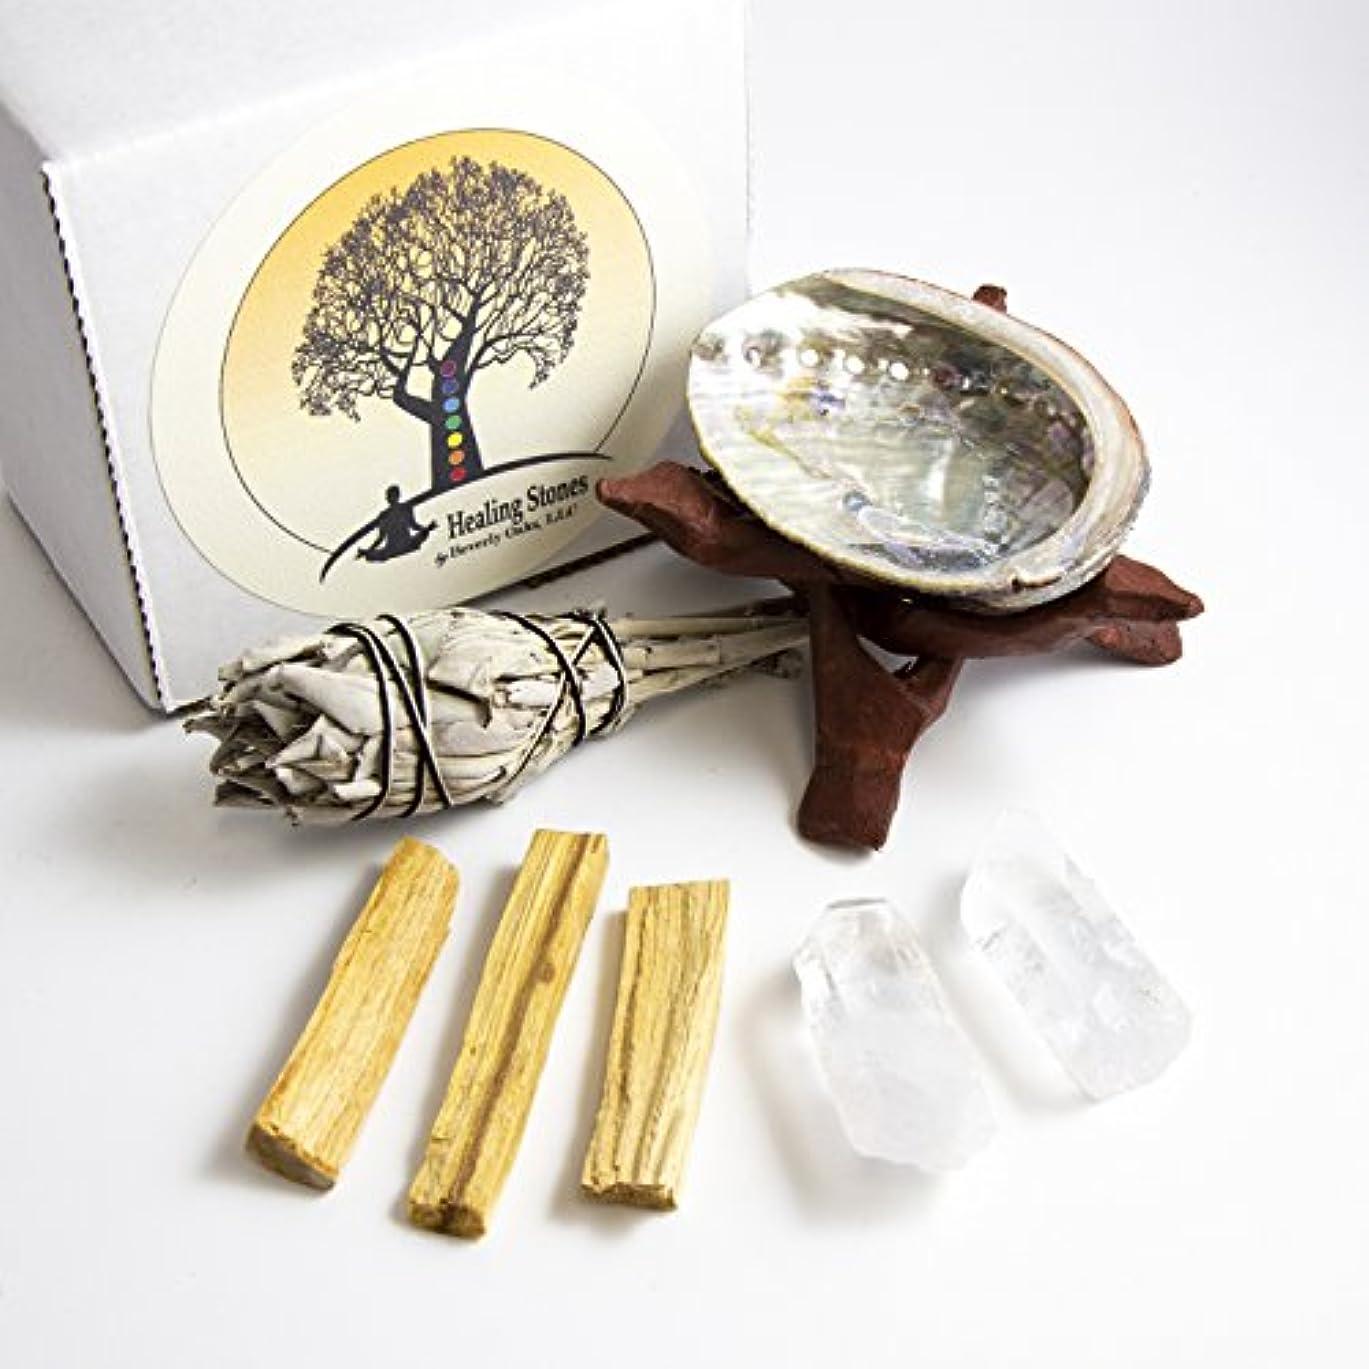 十分です複合店員Beverly Oaks瞑想Ritualキット – 2 Clear Quartz Crystals , Palo Santoスティック、カリフォルニアホワイトセージスティック、アワビシェル、コブラスタンド – Healing...